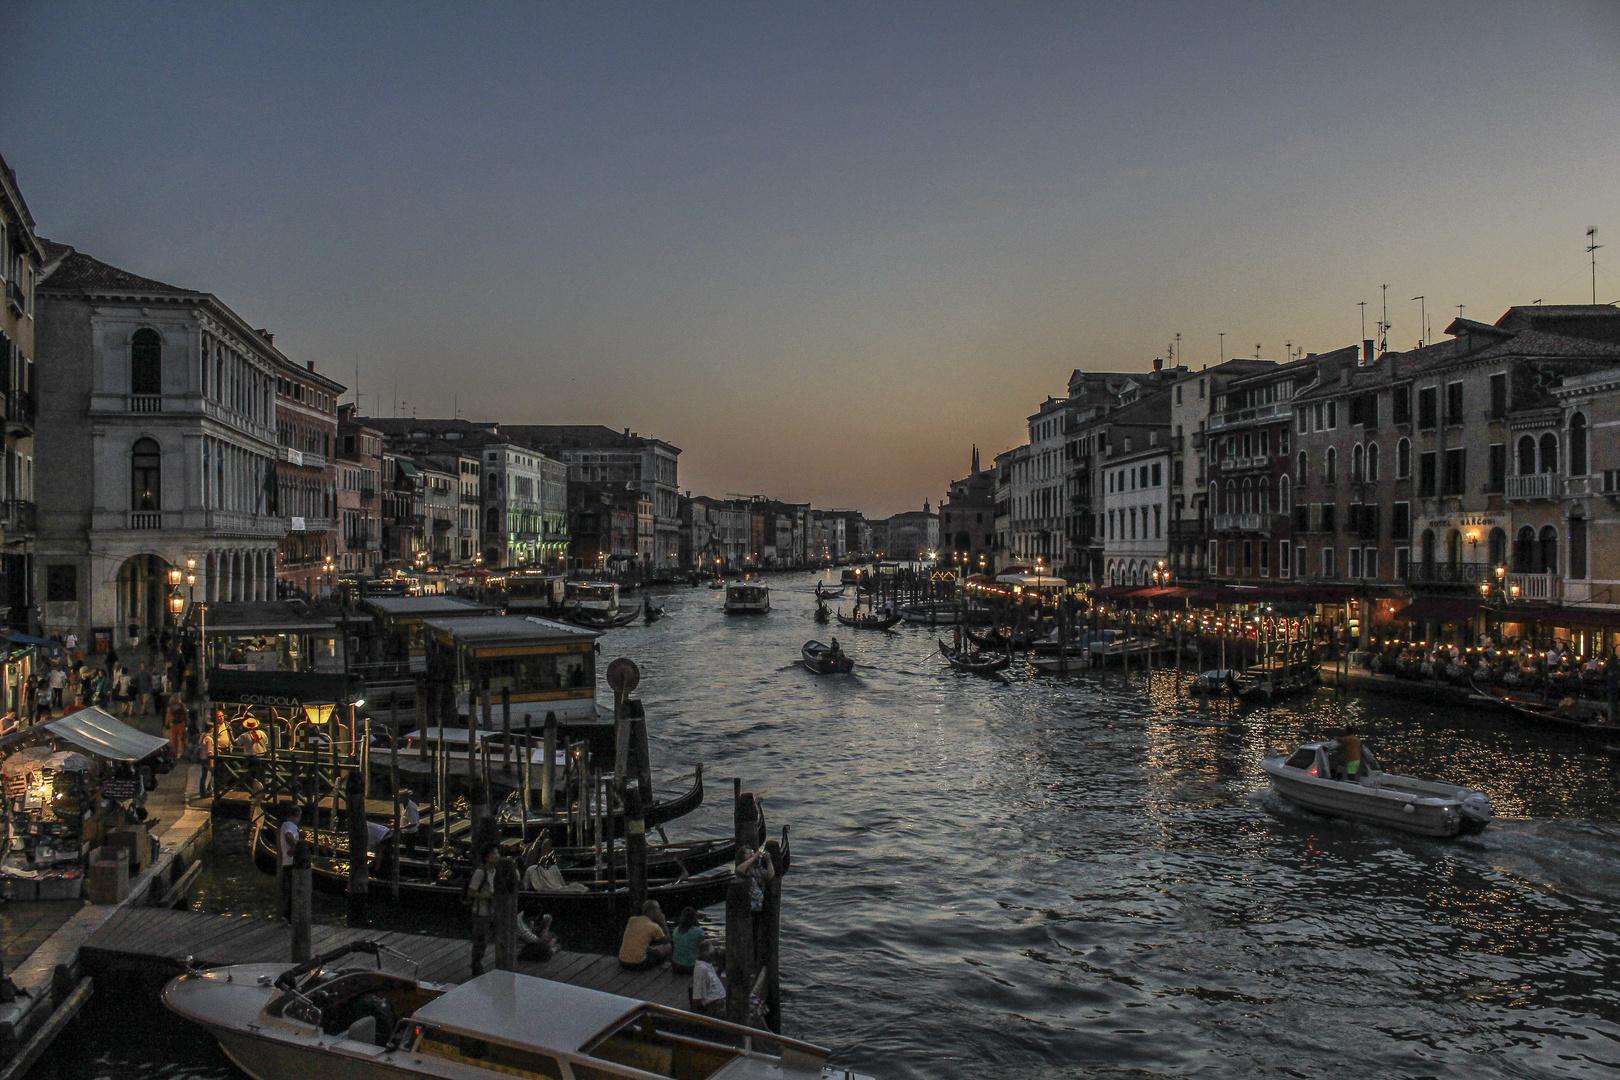 Venedig - Rialto Brücke. Canal Grande